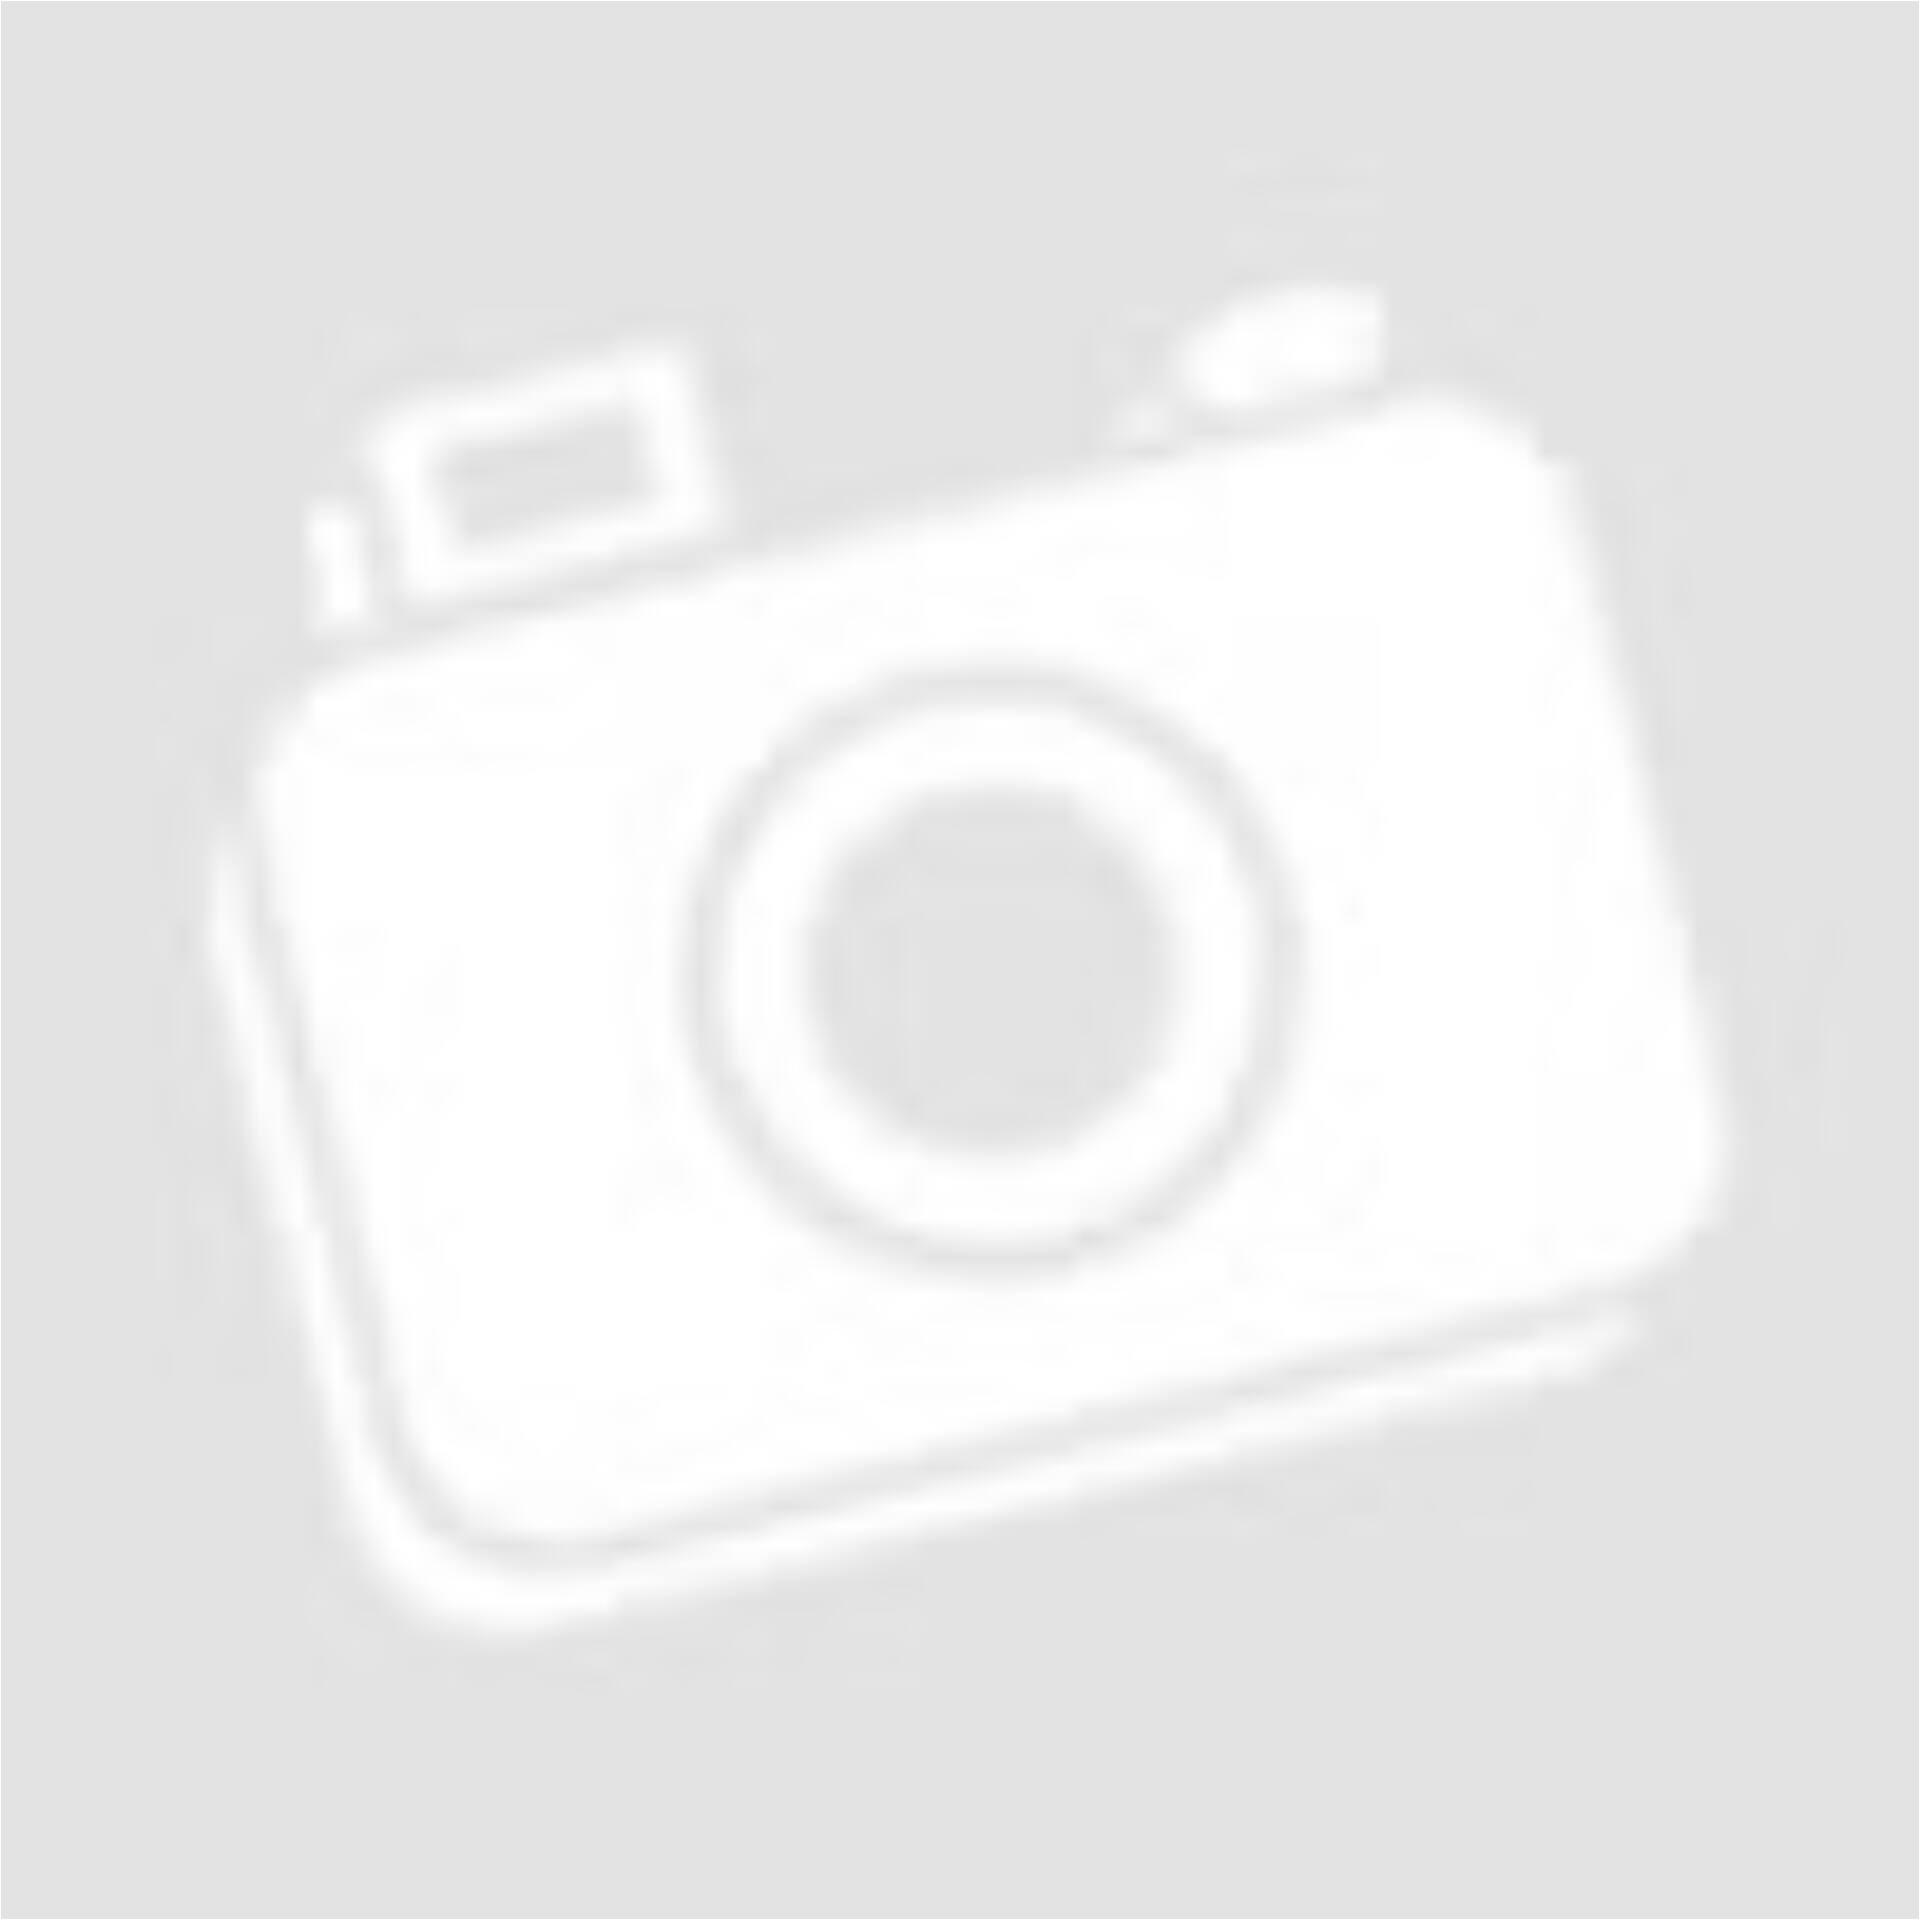 H M halvány rózsaszínű kötött pulcsi (Méret  S) - Női pulóver ... 9608b6733b